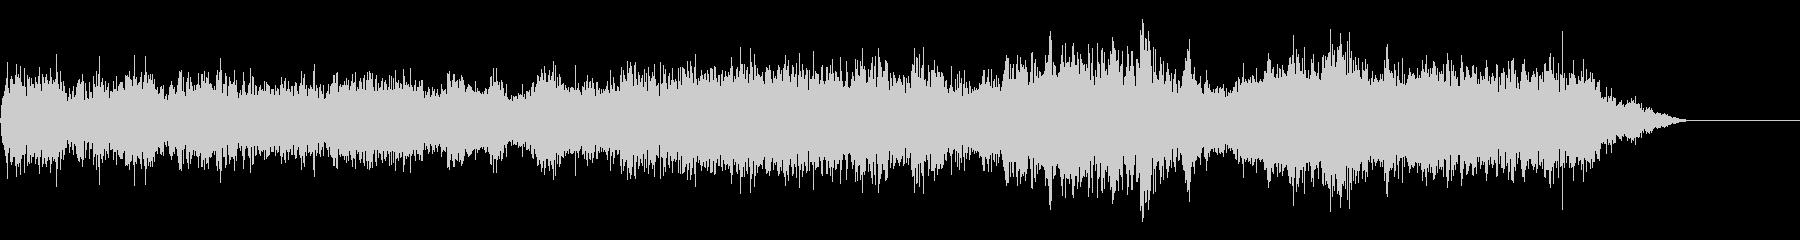 ランブル2の未再生の波形